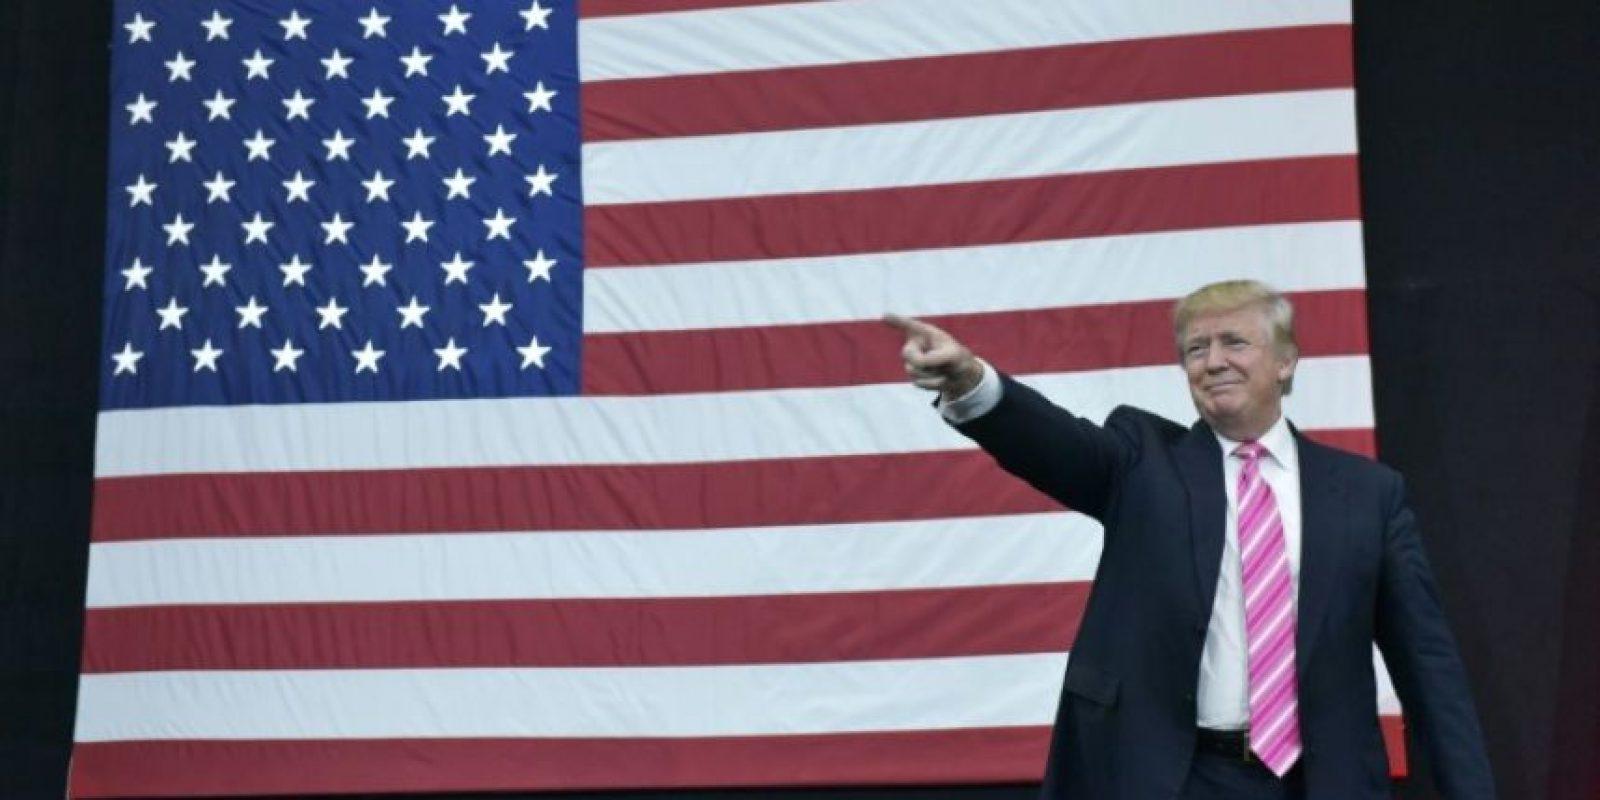 El entonces candidato presidencial republicano estadounidense, Donald Trump, el 2 de octubre de 2016 a su llegada a un mítin en Manheim, Pensilvania. Trump ha sido acusado de populista, pero los expertos no se ponen de acuerdo en si lo es o no Foto:Mandel Ngan/afp.com